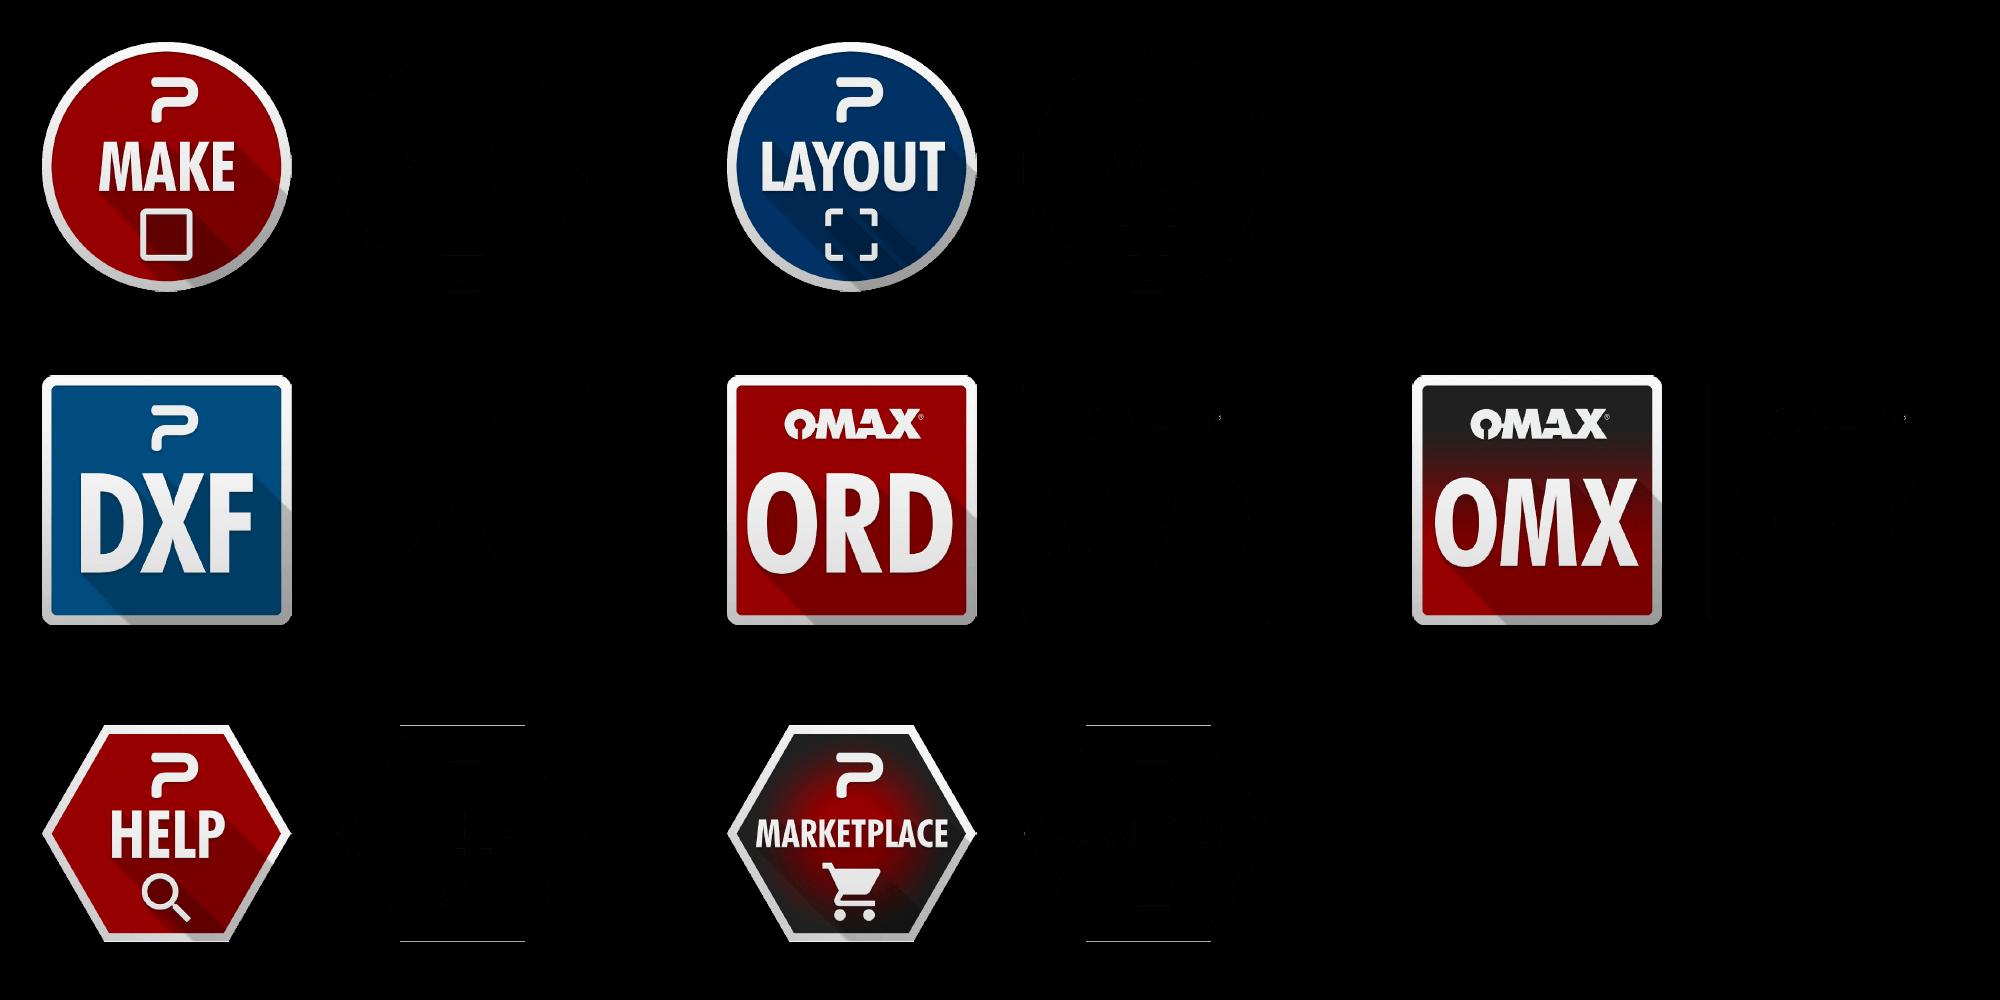 omax-icons